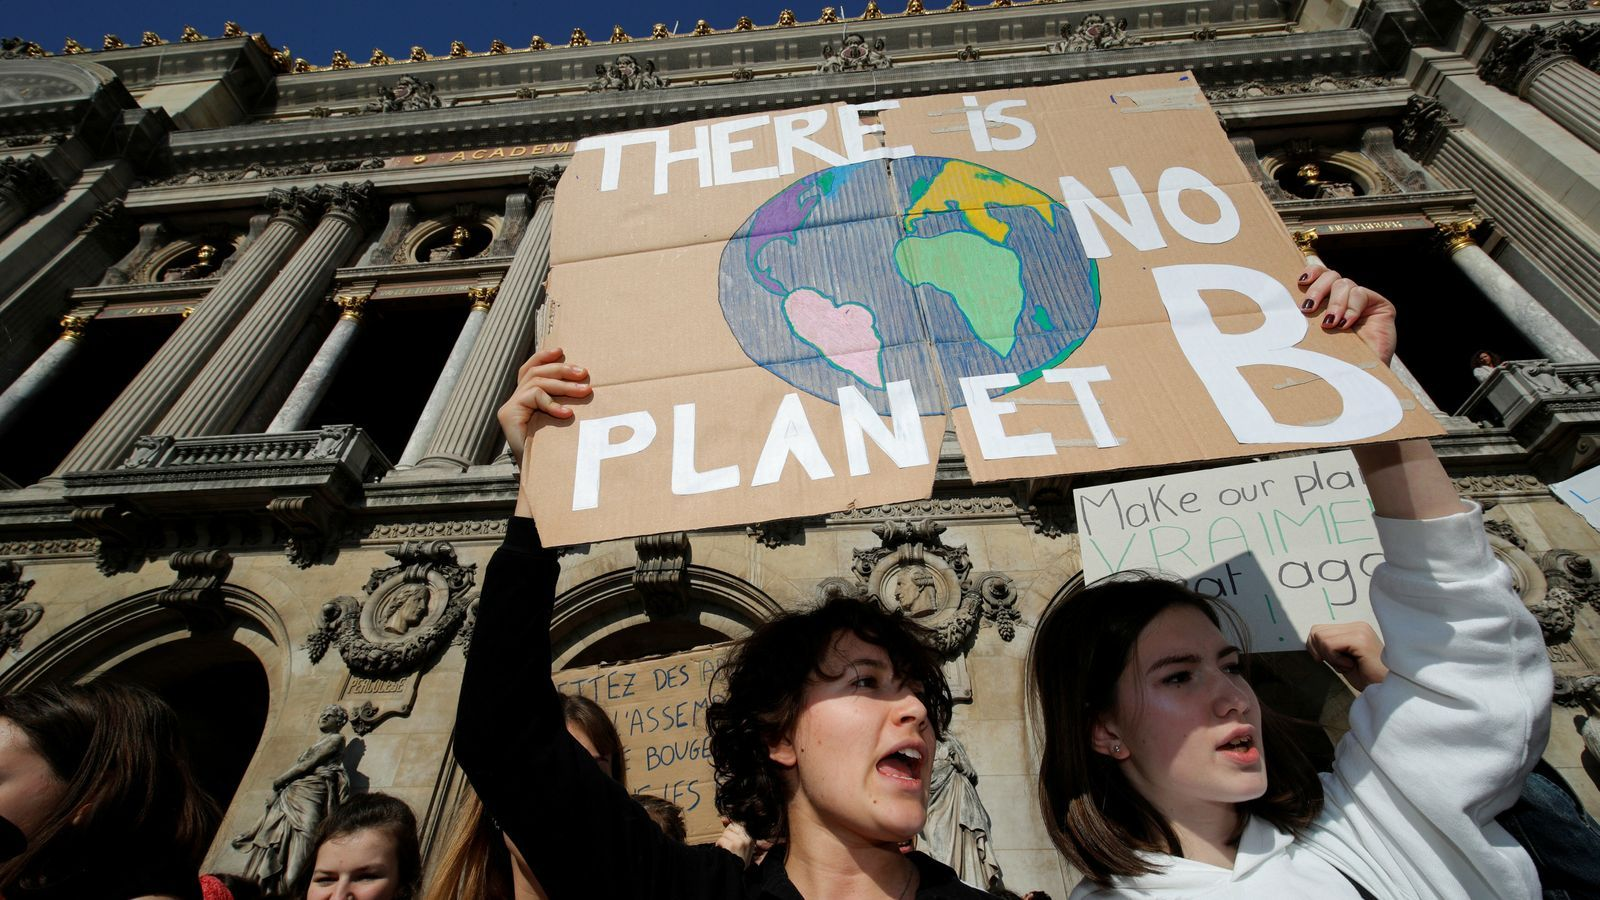 Els divendres contra el canvi climàtic arriben a Barcelona